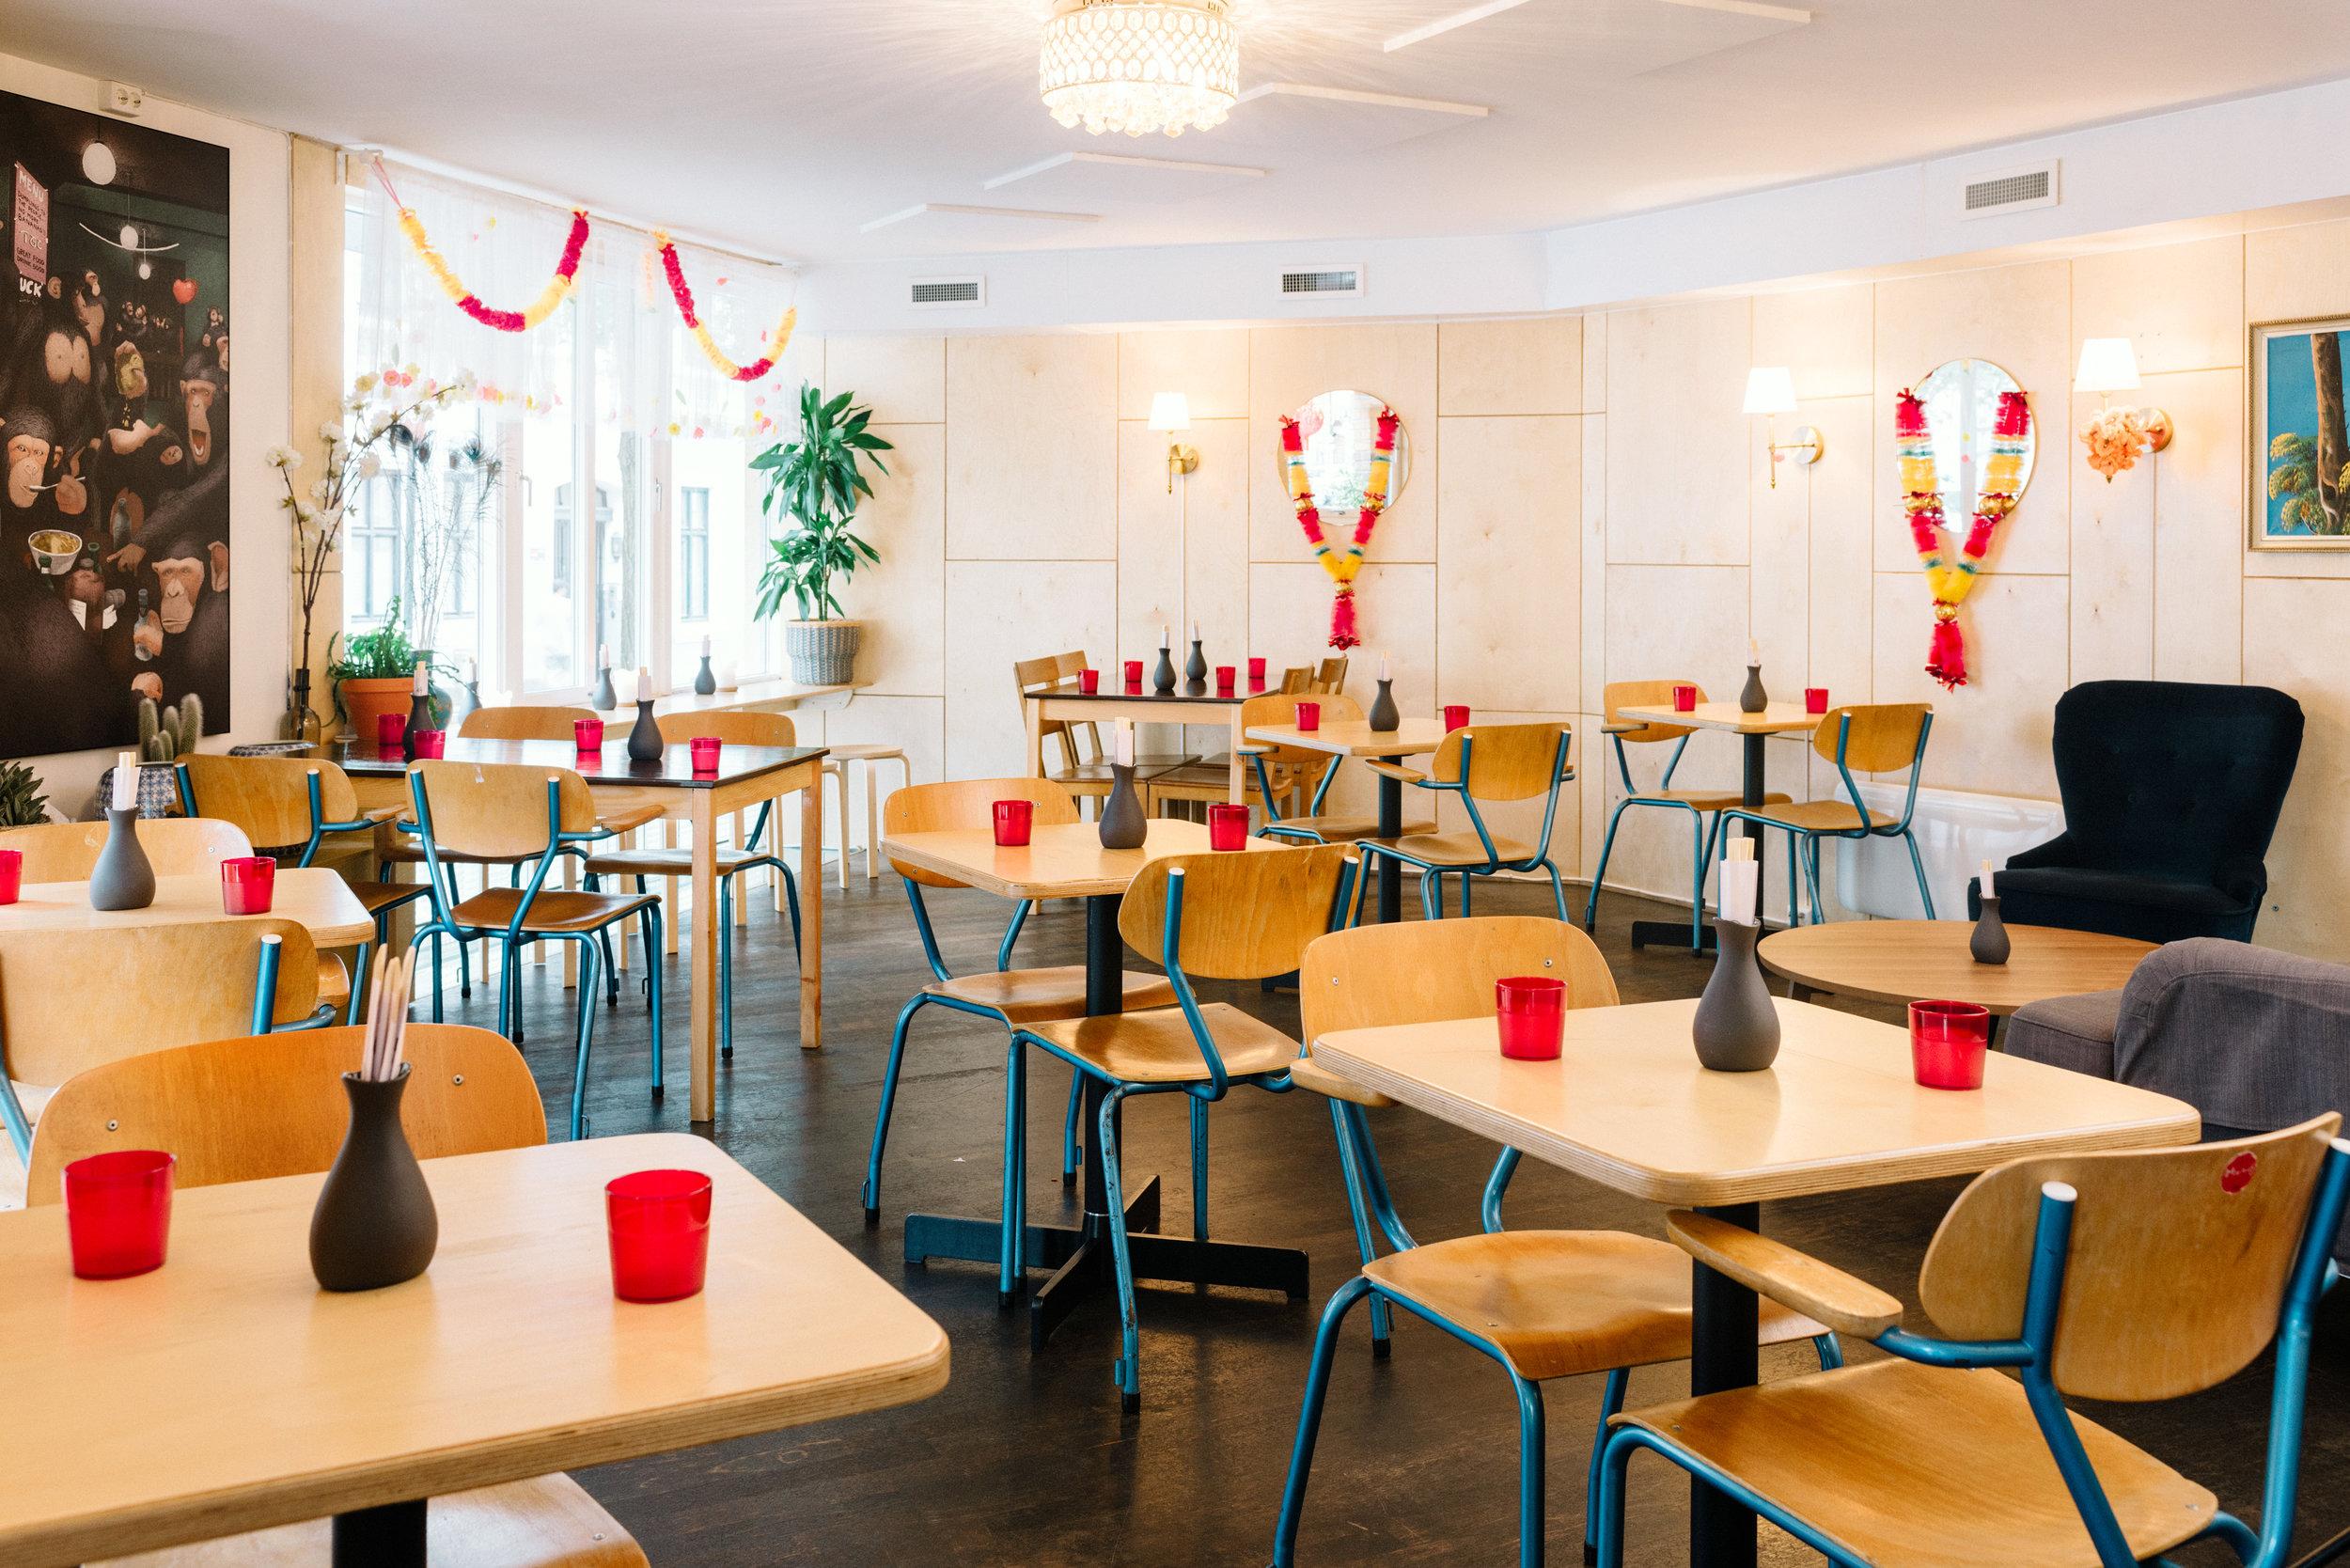 lavaoslo-Restaurant-kafe-tøyen-thegoldenchimp-asiatisk-dumplings